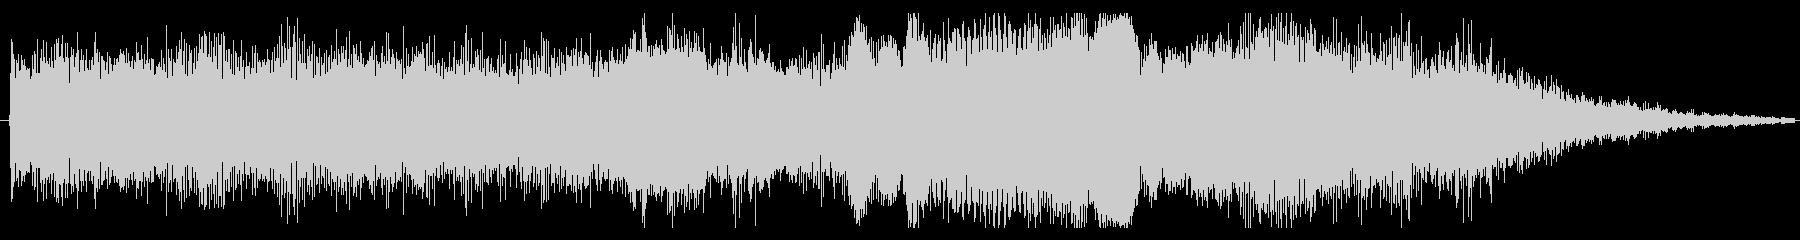 トランジション パッドスイープバズ01の未再生の波形